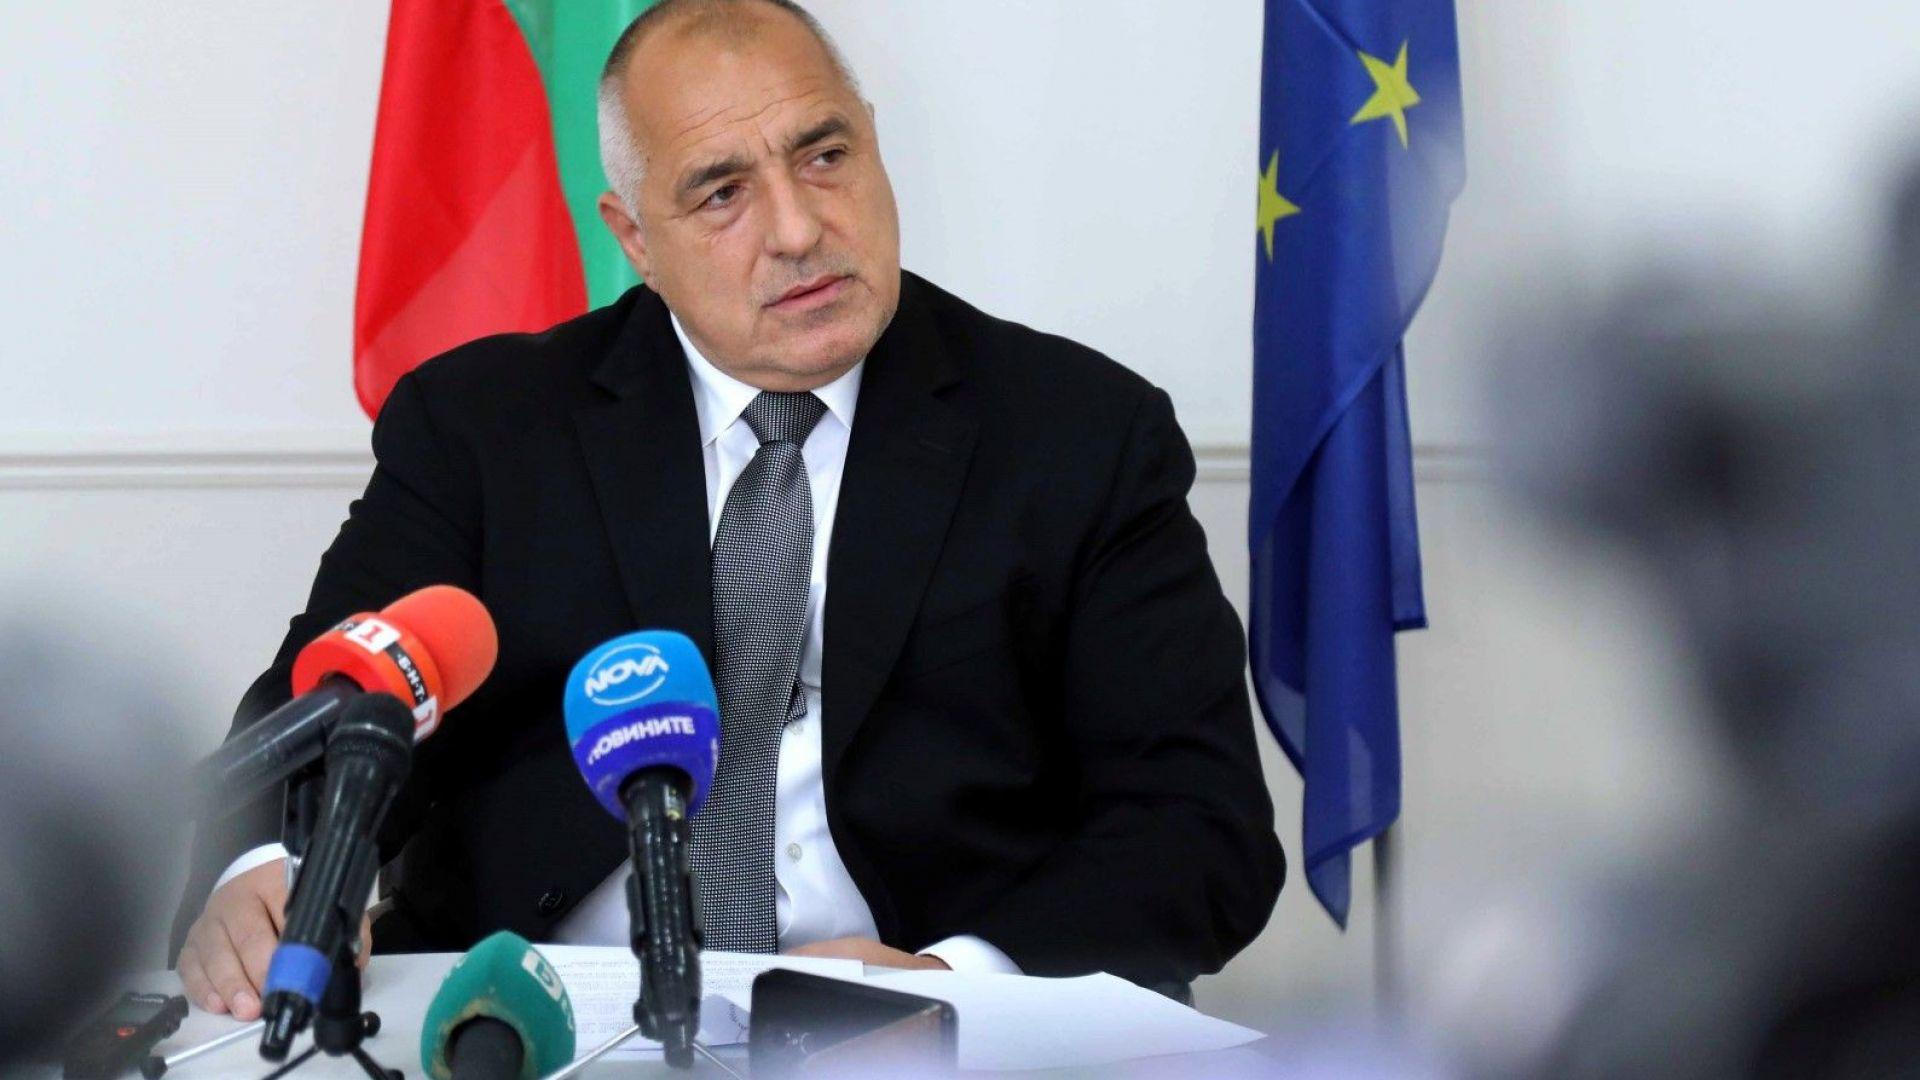 Борисов изпрати съболезнователна телеграма до премиера на Шри Ланка, регистриран е осми взрив